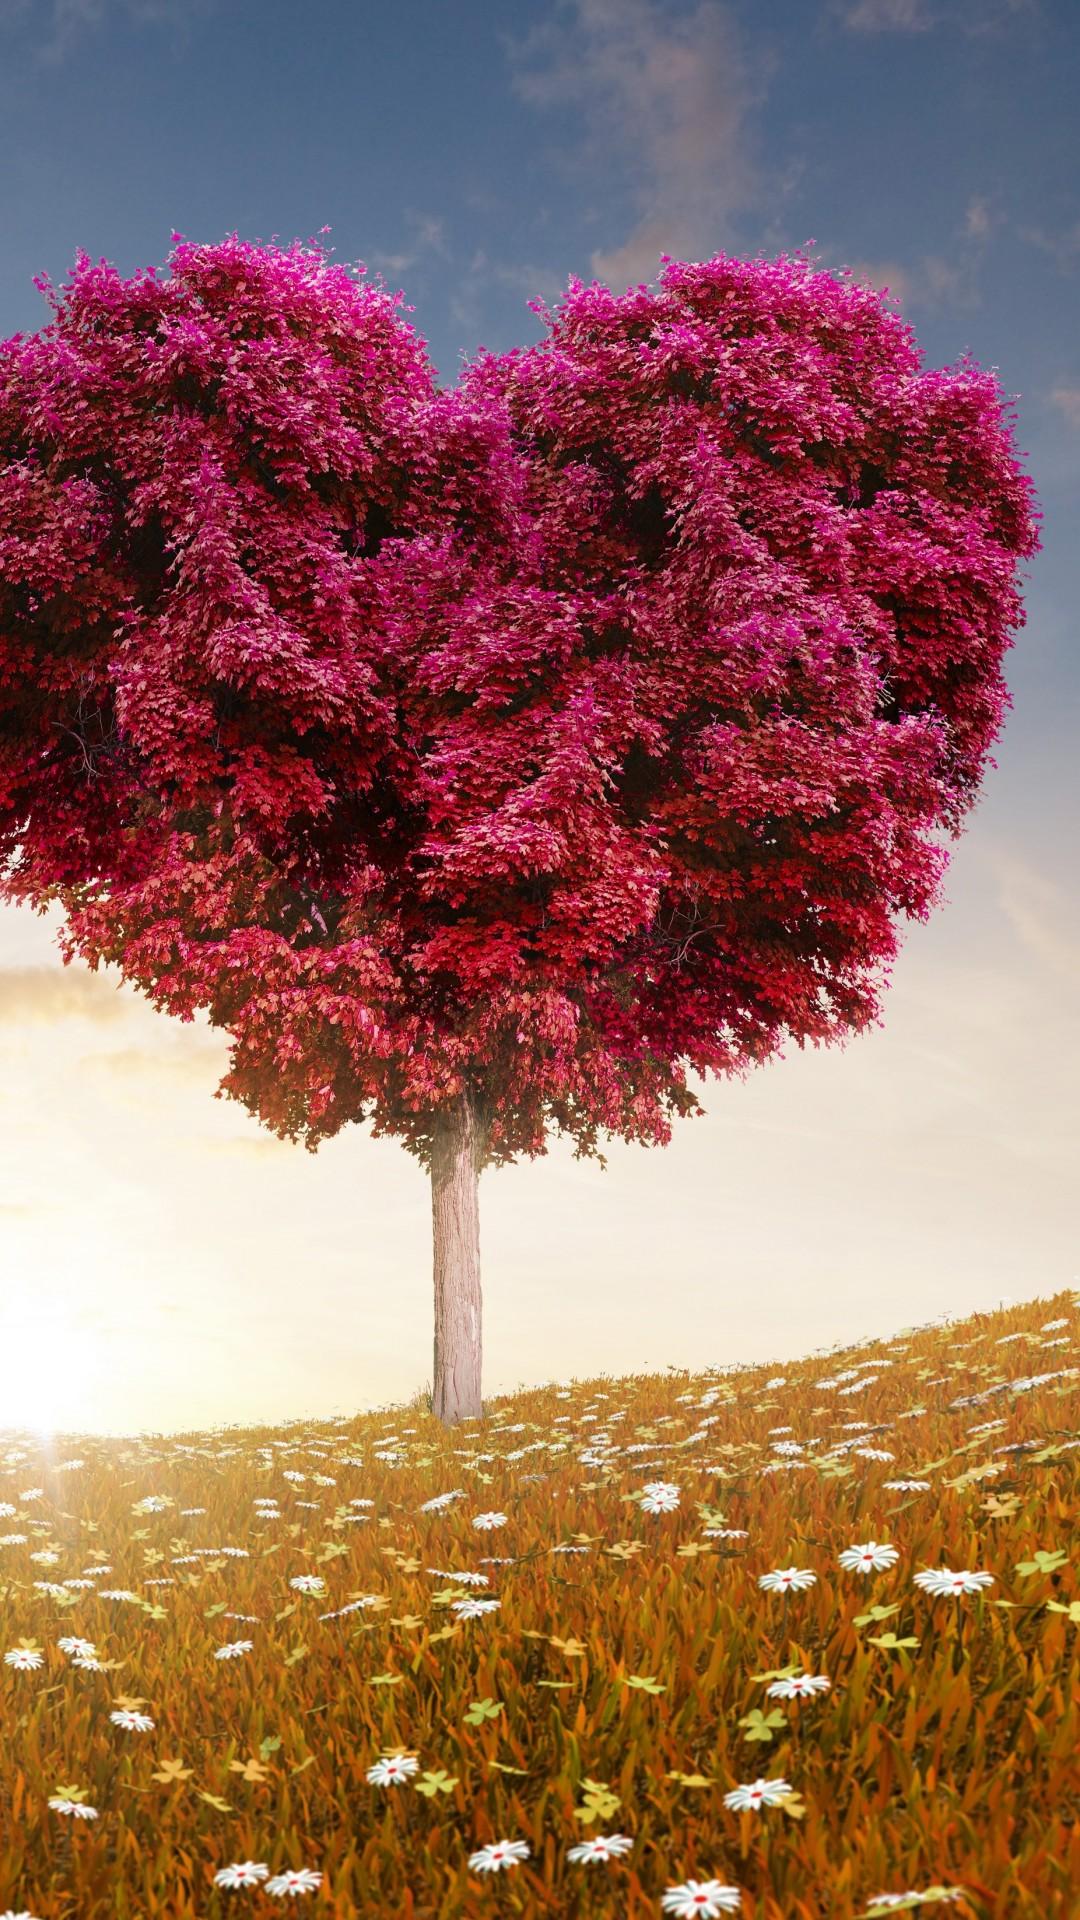 Wallpaper Meadows, 5k, 4k Wallpaper, 8k, Tree, Love, Sun